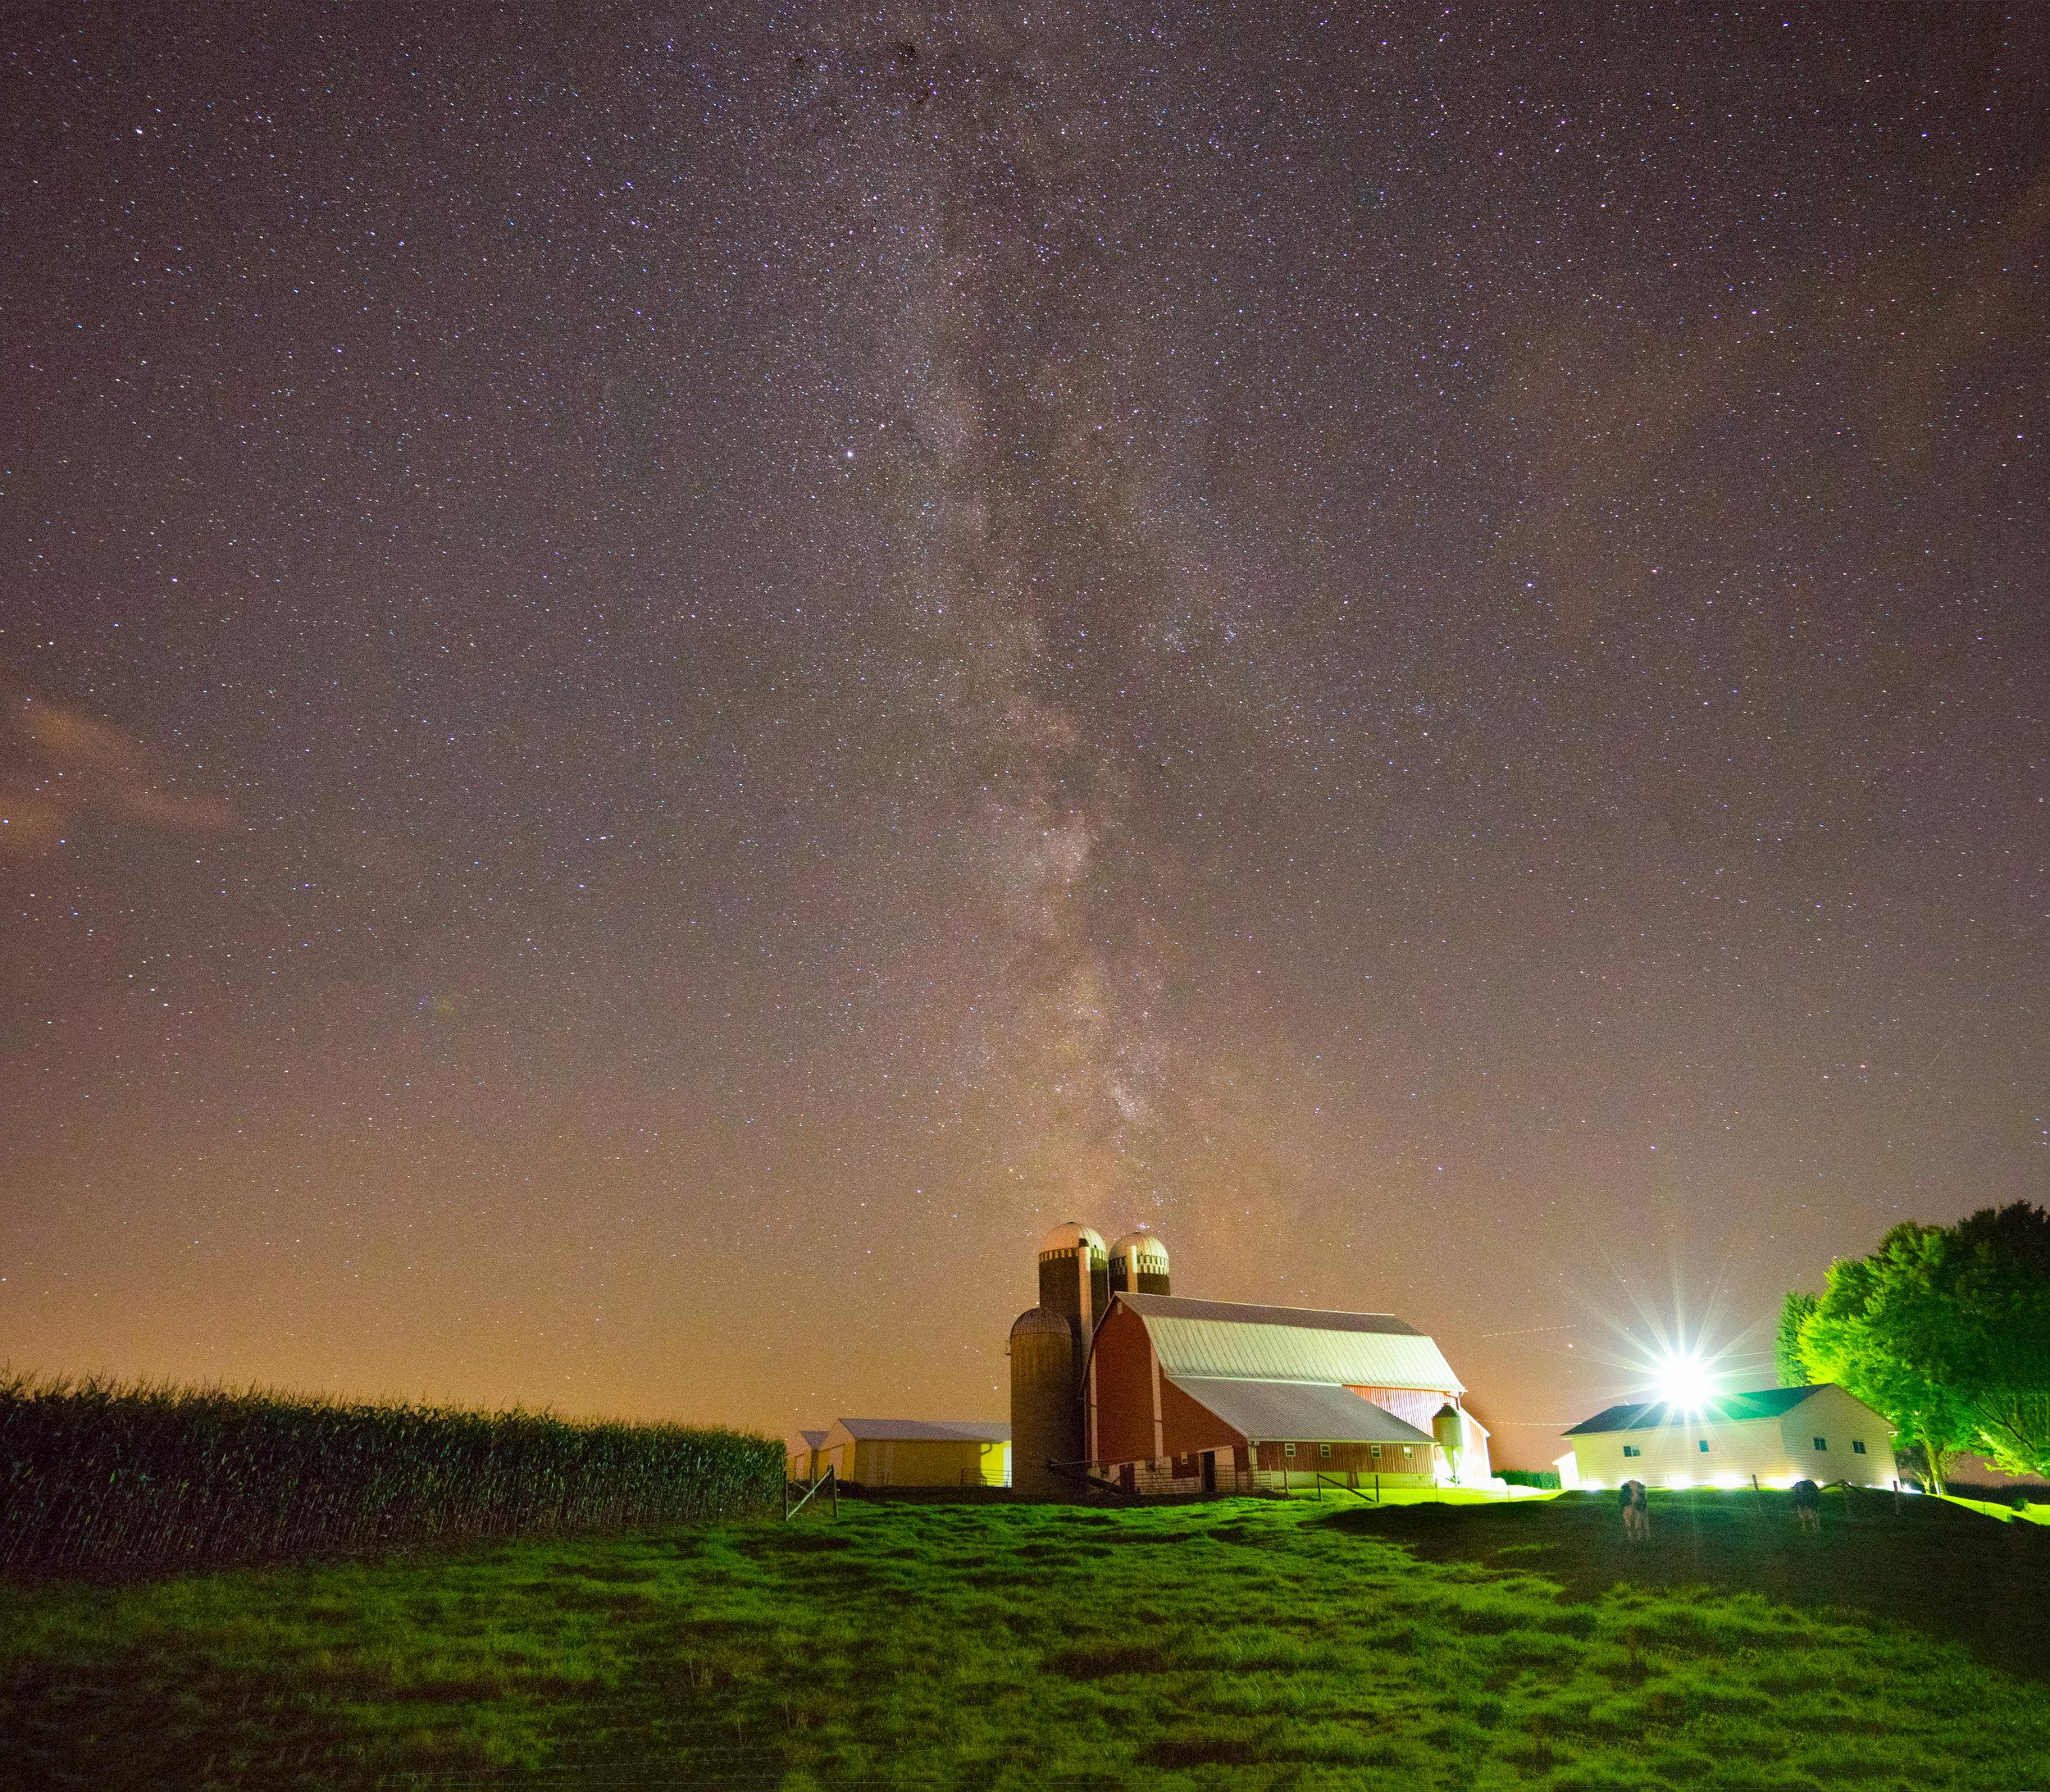 Farm-Milky Way-September 2016-fbook (1 of 1).jpg